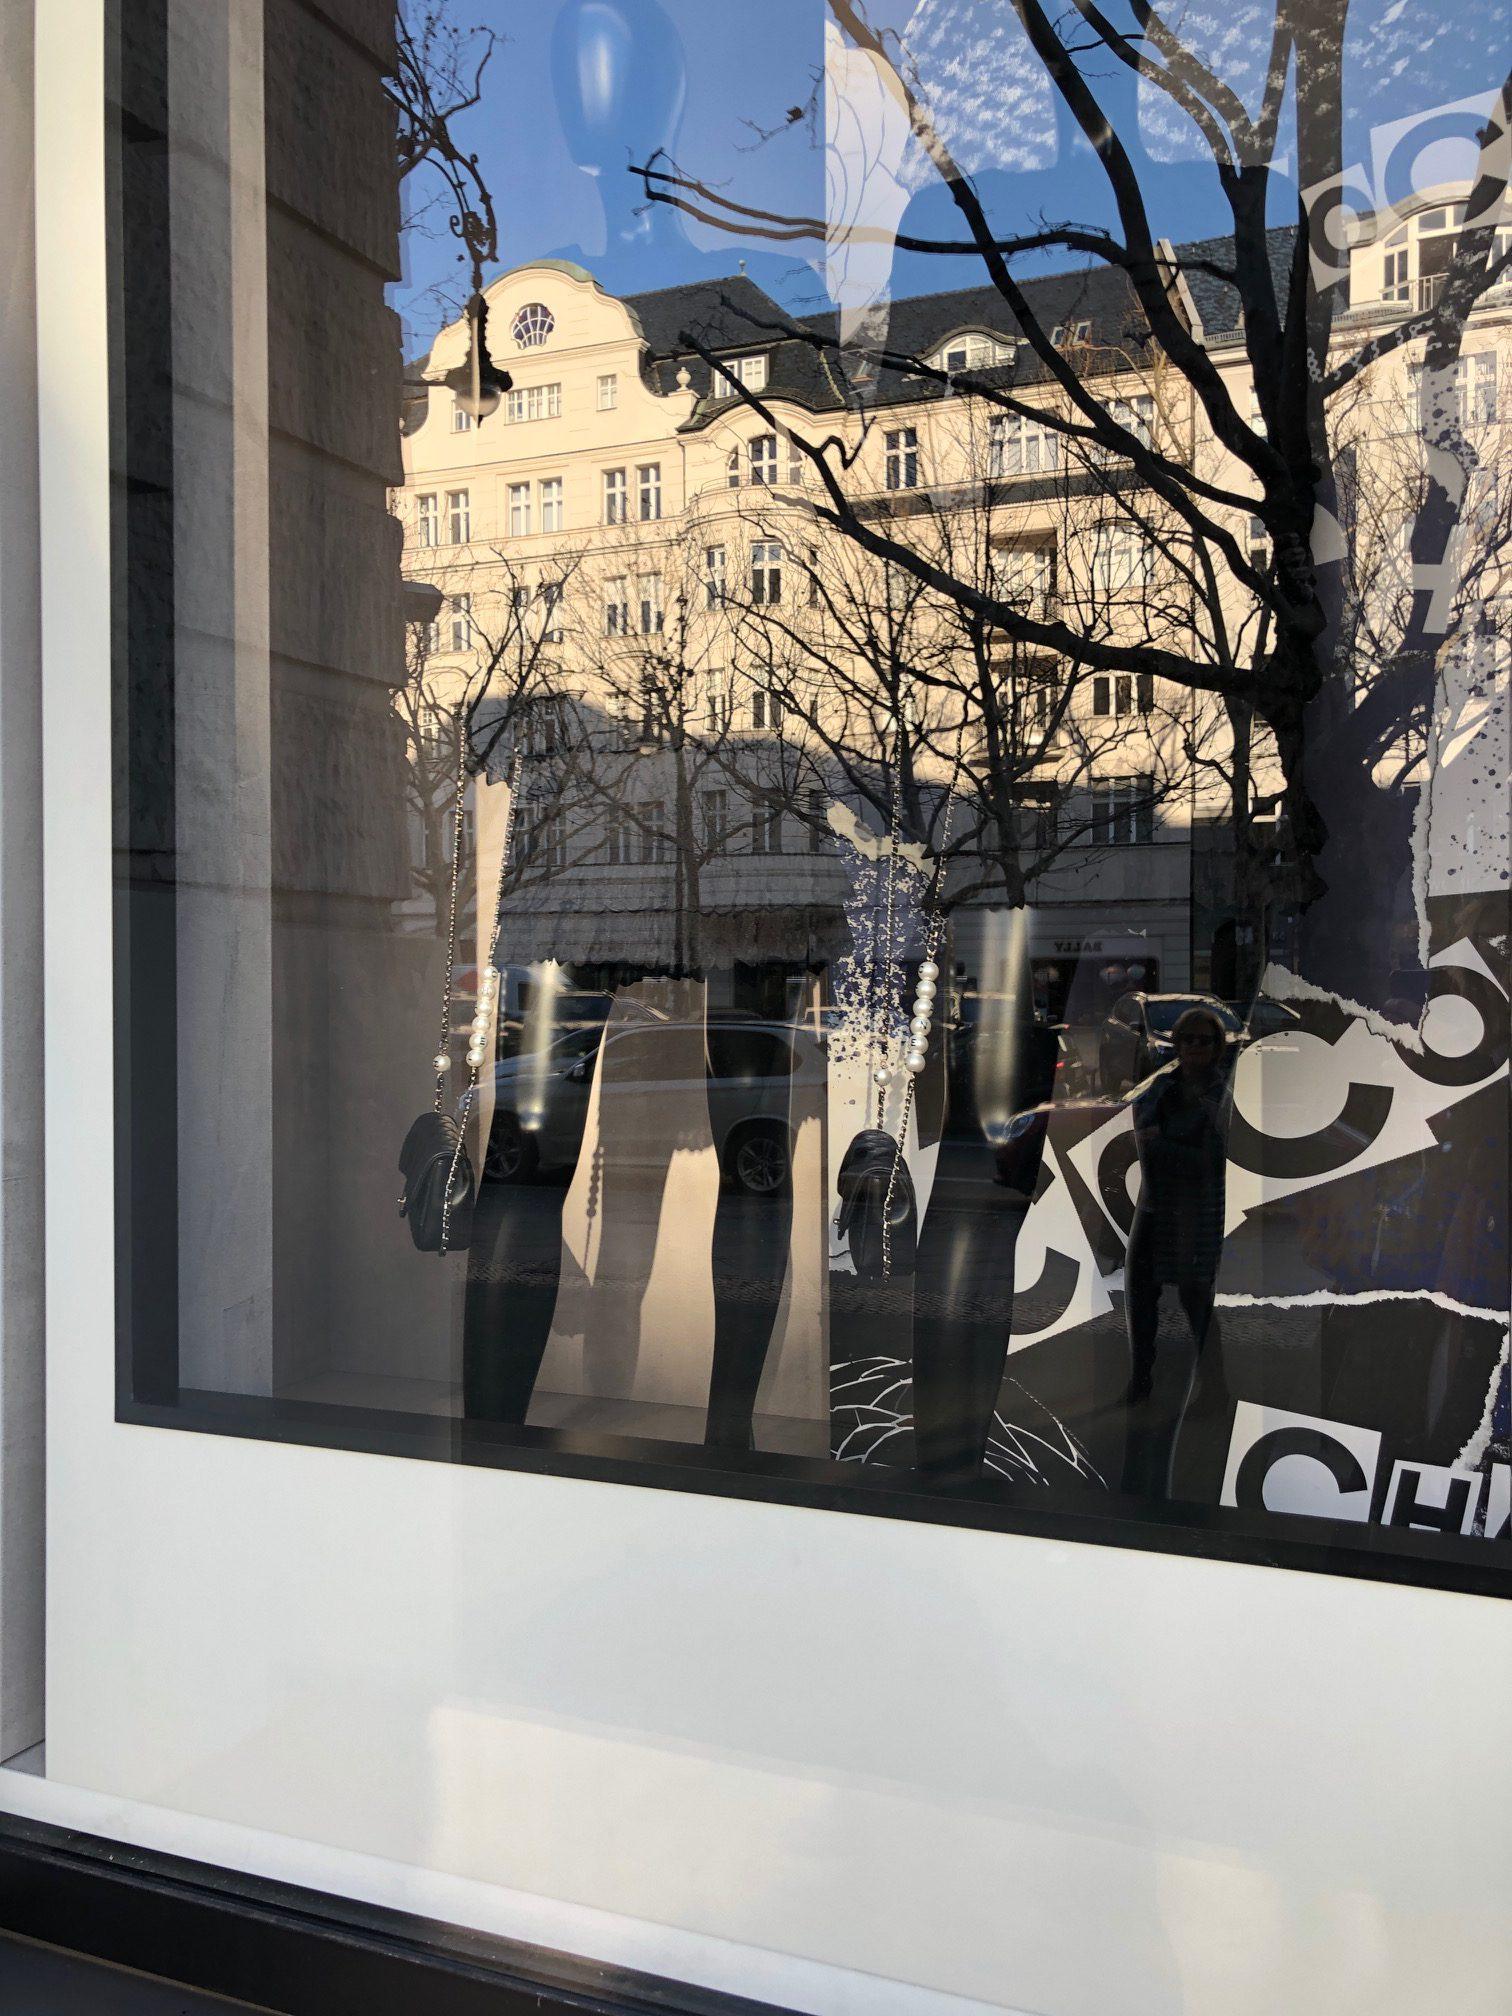 Schaufenster Spiegelung Berlin Kurfürstendamm Chanel